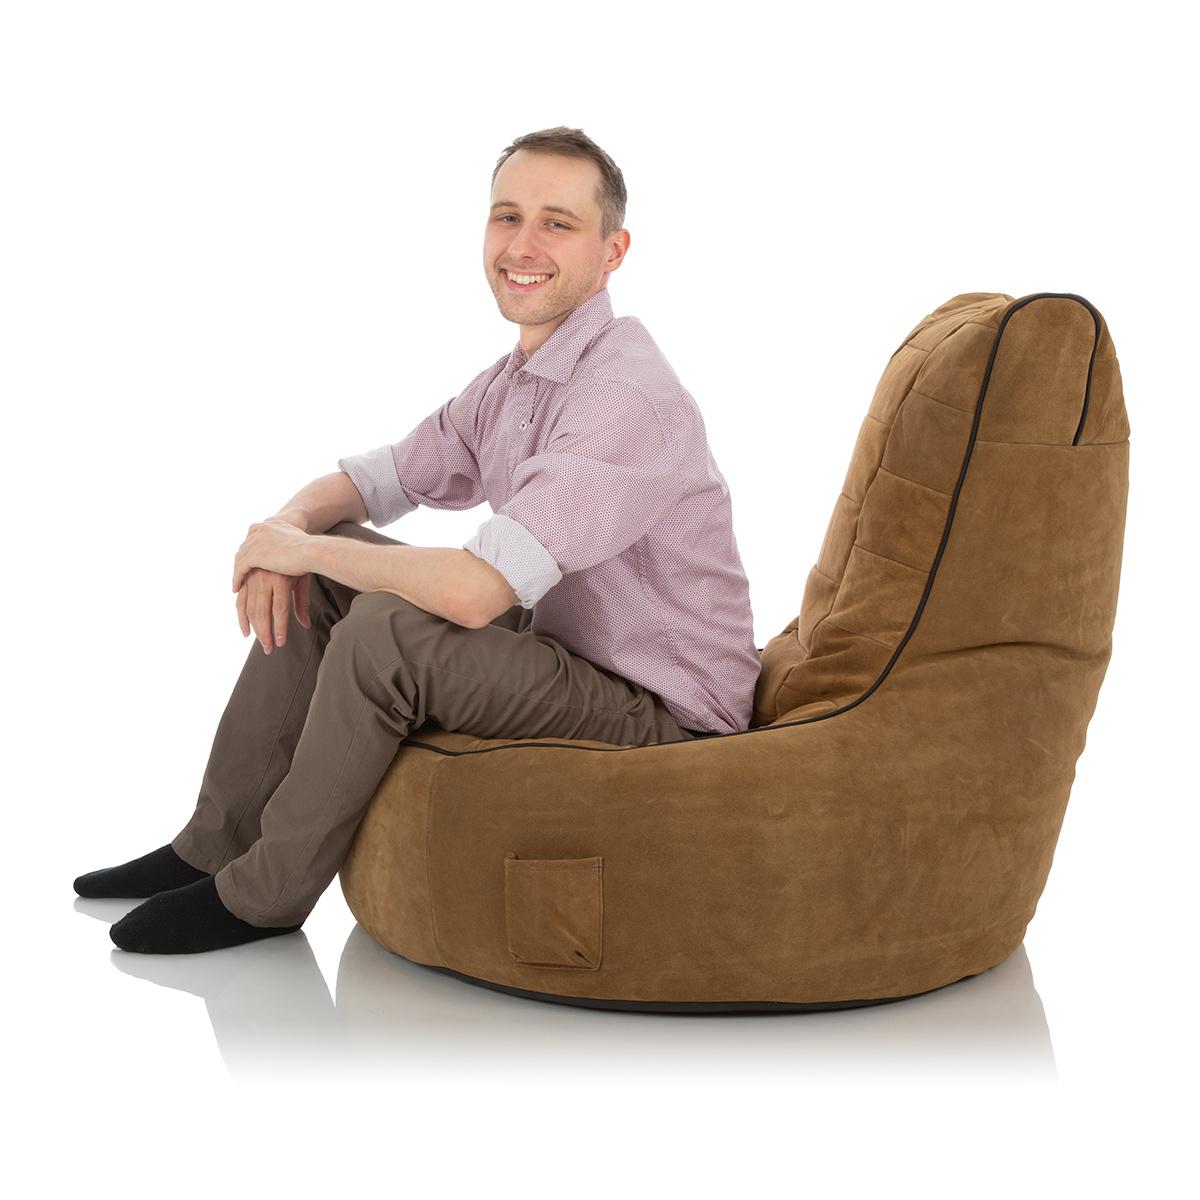 XXL Sitzkissen braun-beige aus Leder fuer Kinderzimmer oder Wohnzimmer